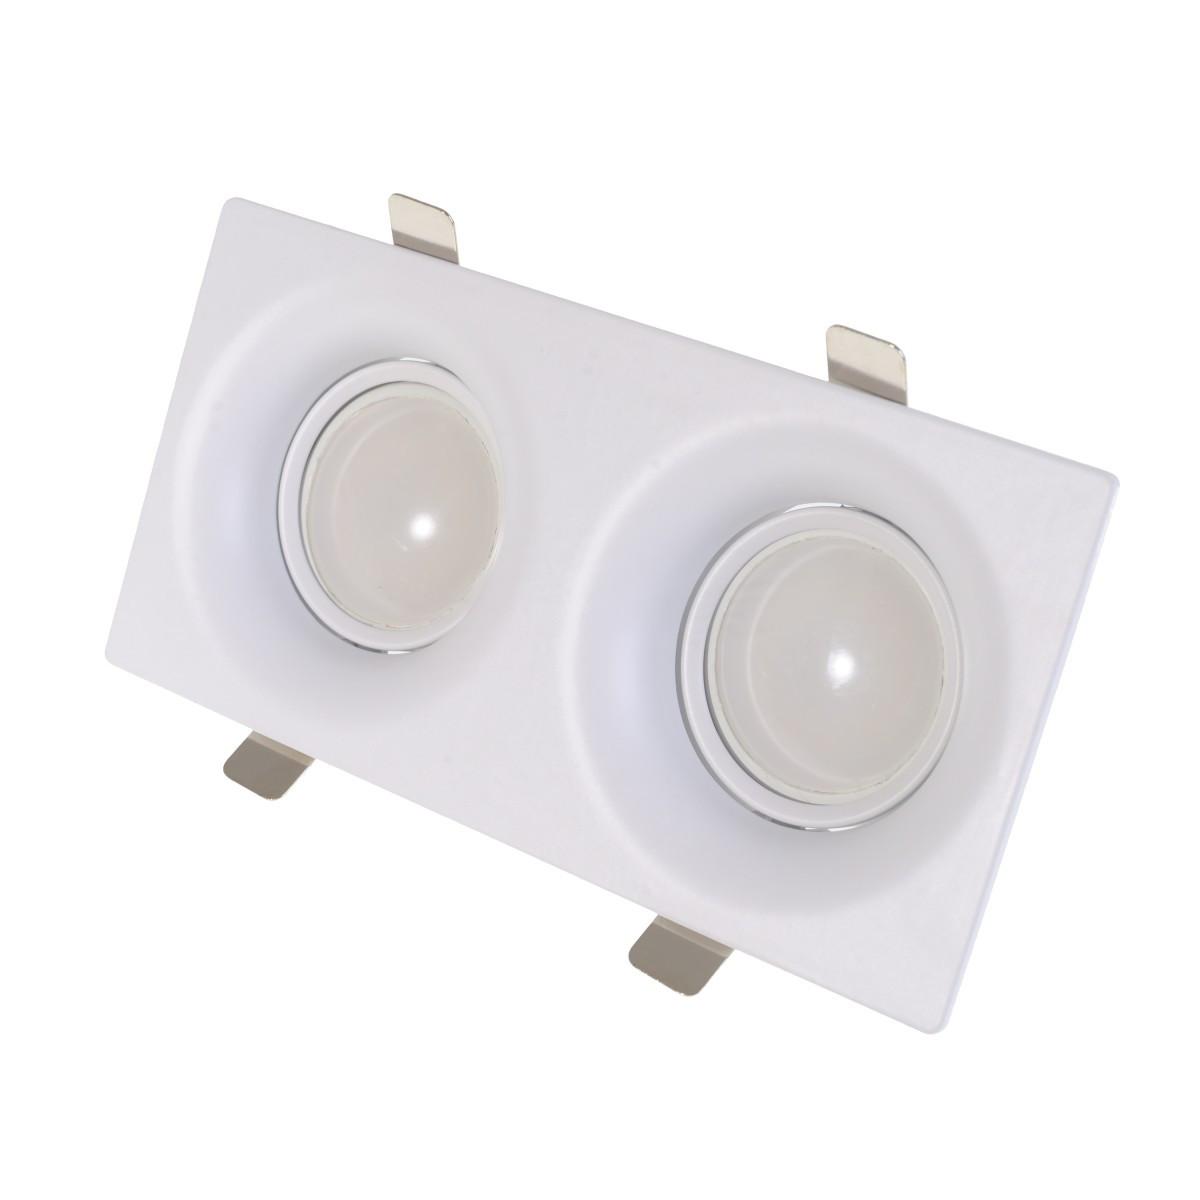 HDL-DT 35/2 WH светильник точечный